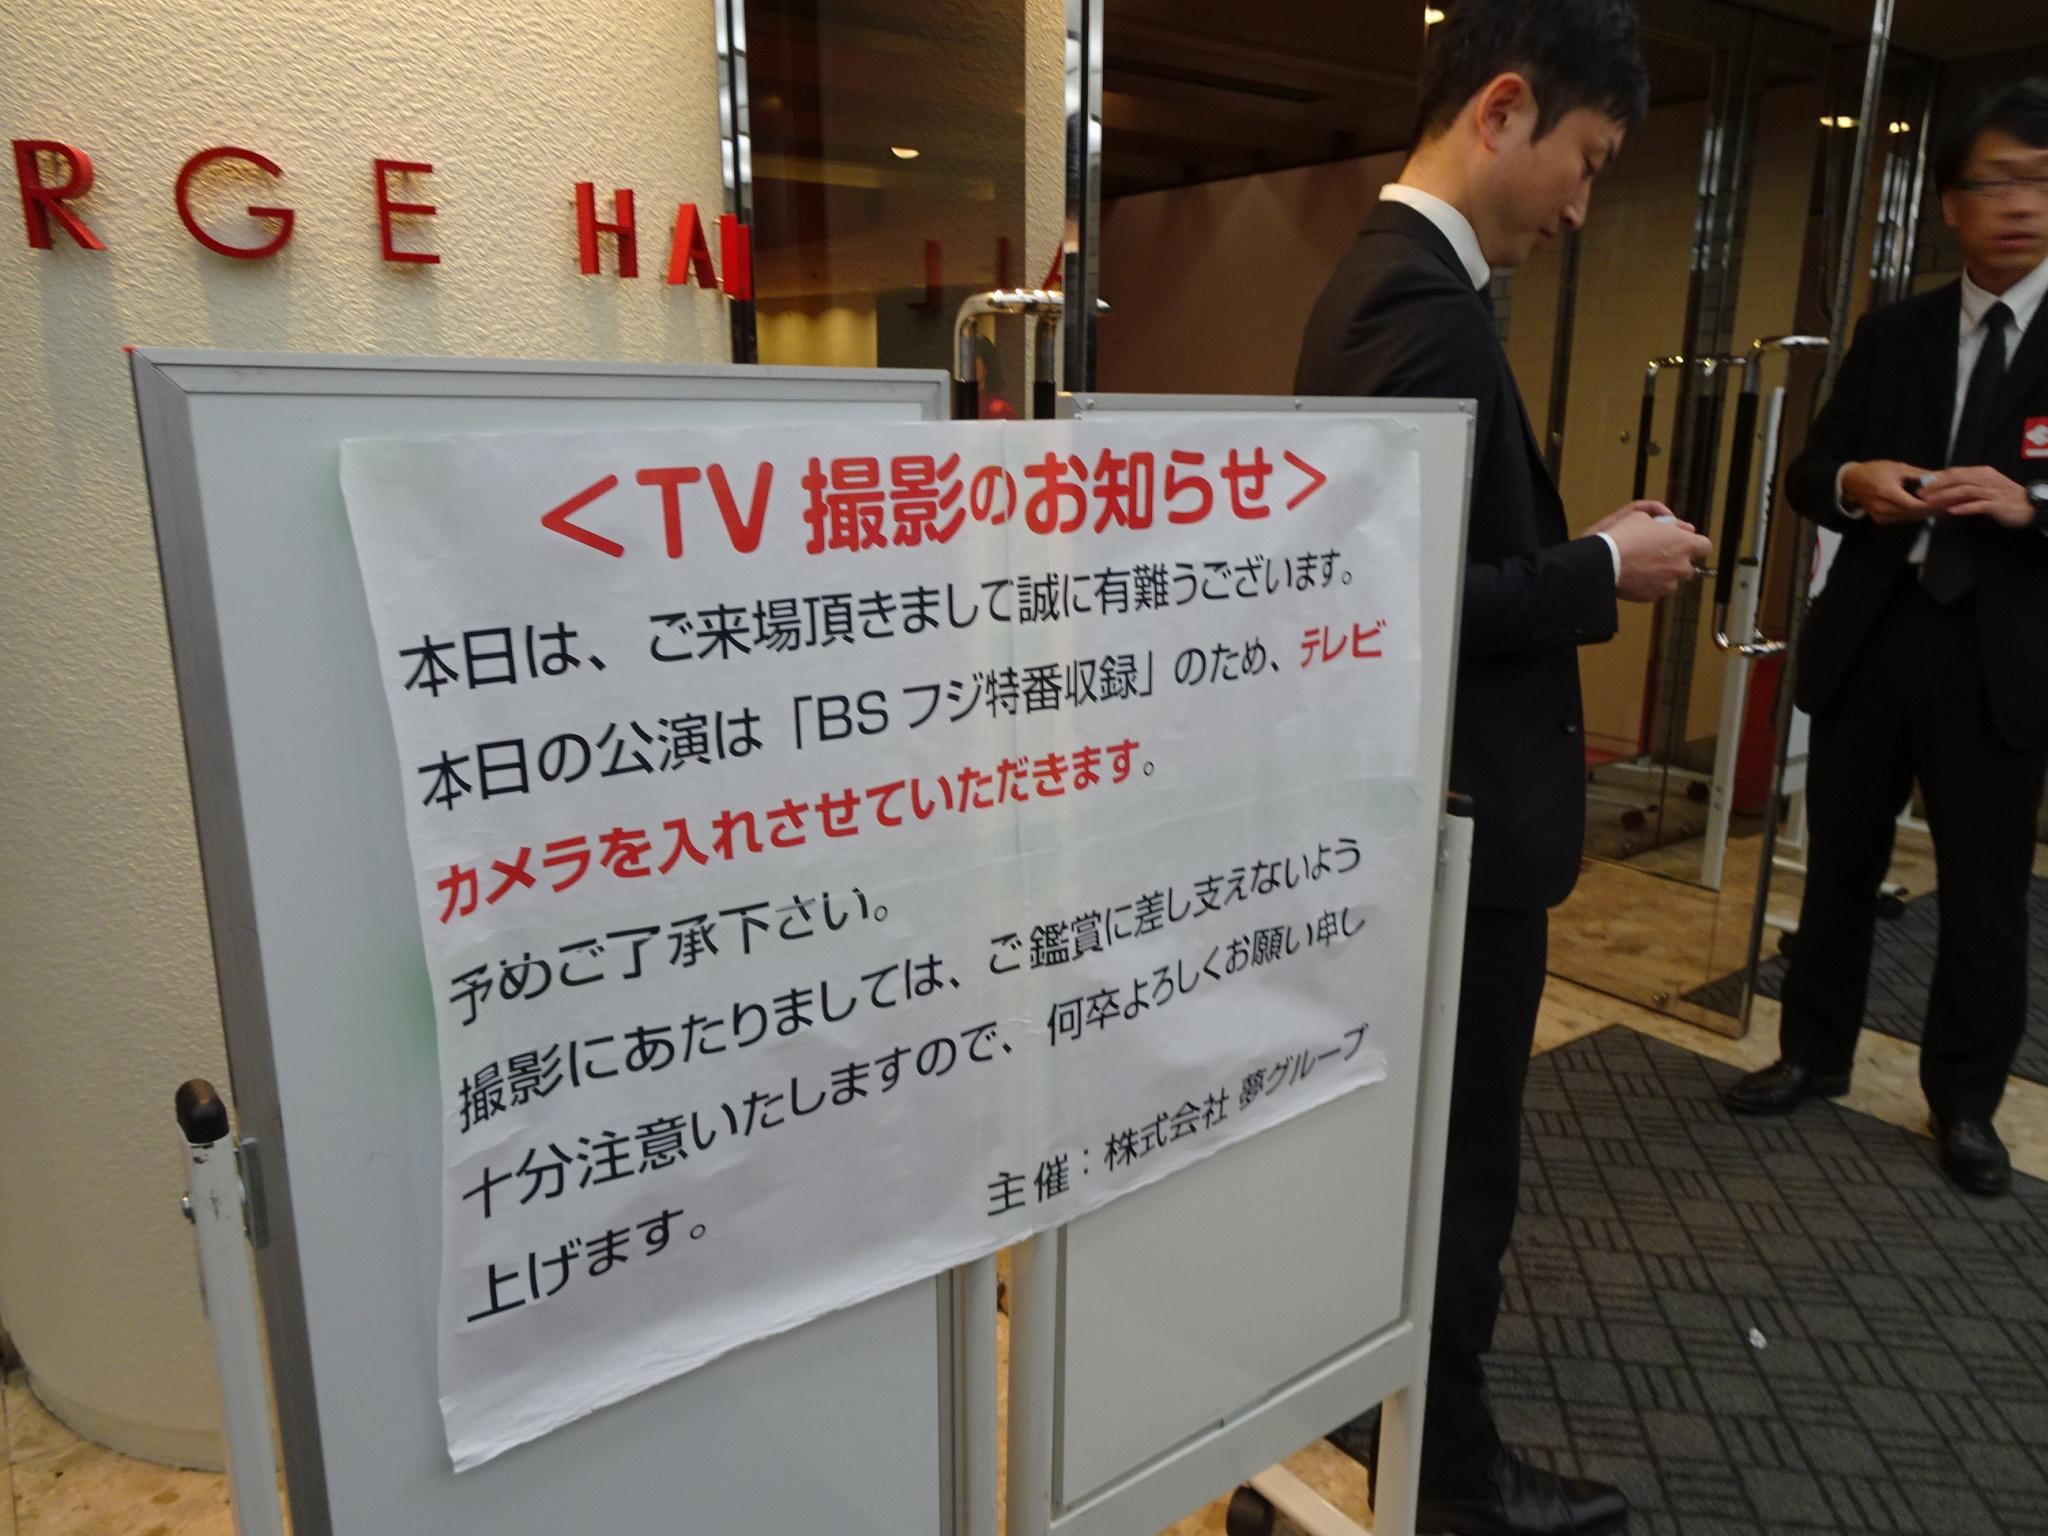 夢コンサート(江戸川区総合文化センター):TV取材のお知らせ